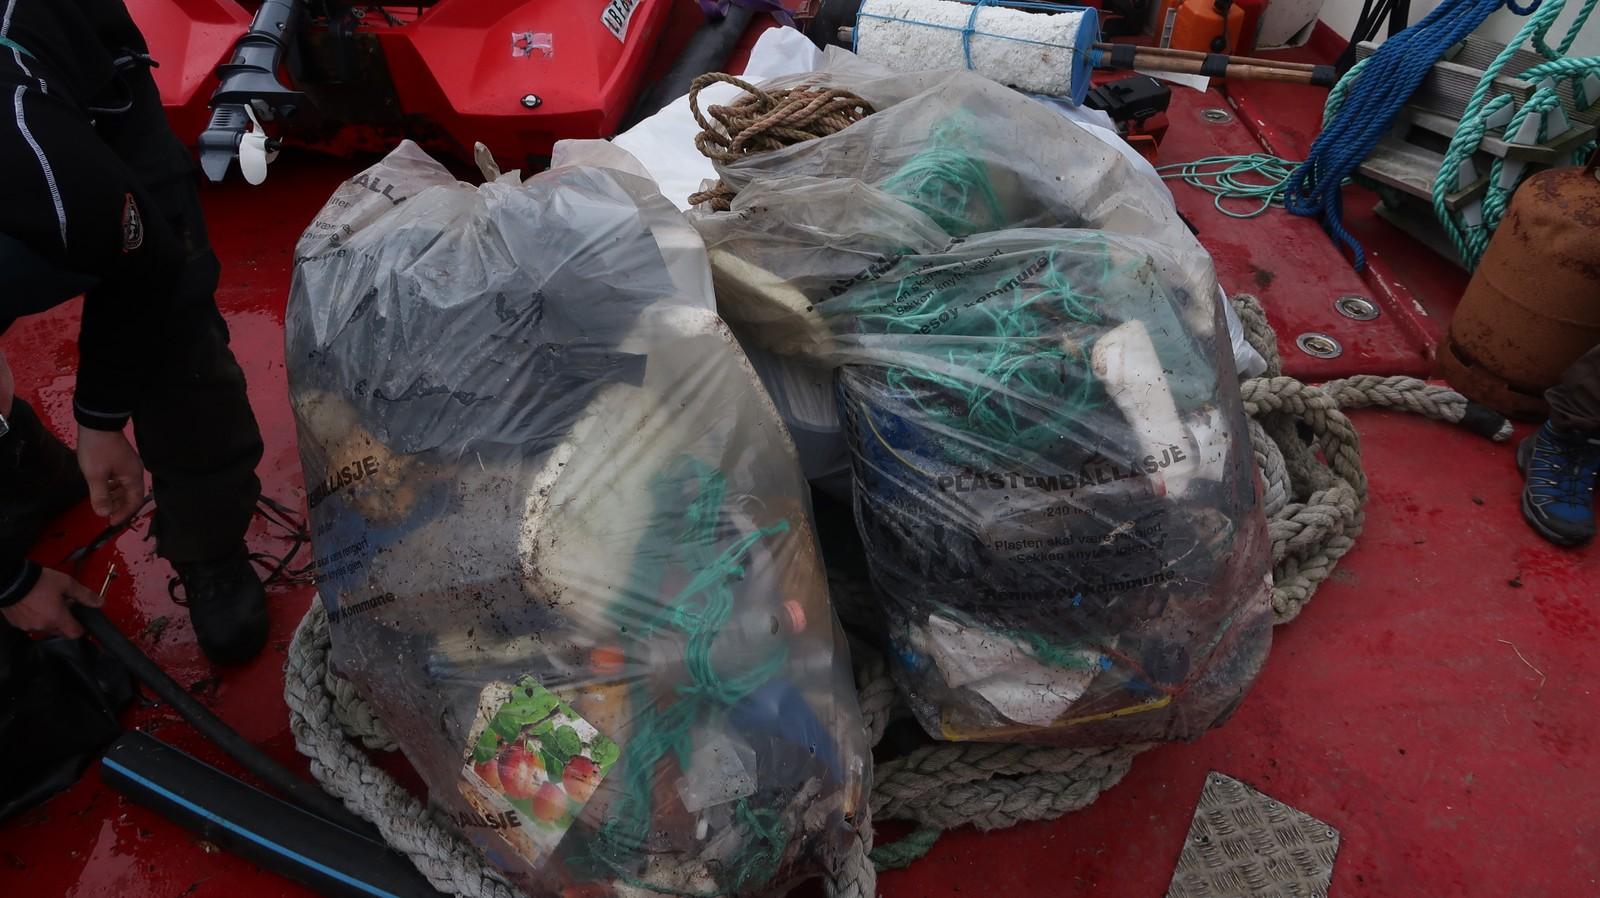 Frå båten til Ryfylke friluftsråd. Fem mann derfrå har henta søppel rundt om i dag som er samla opp av andre.